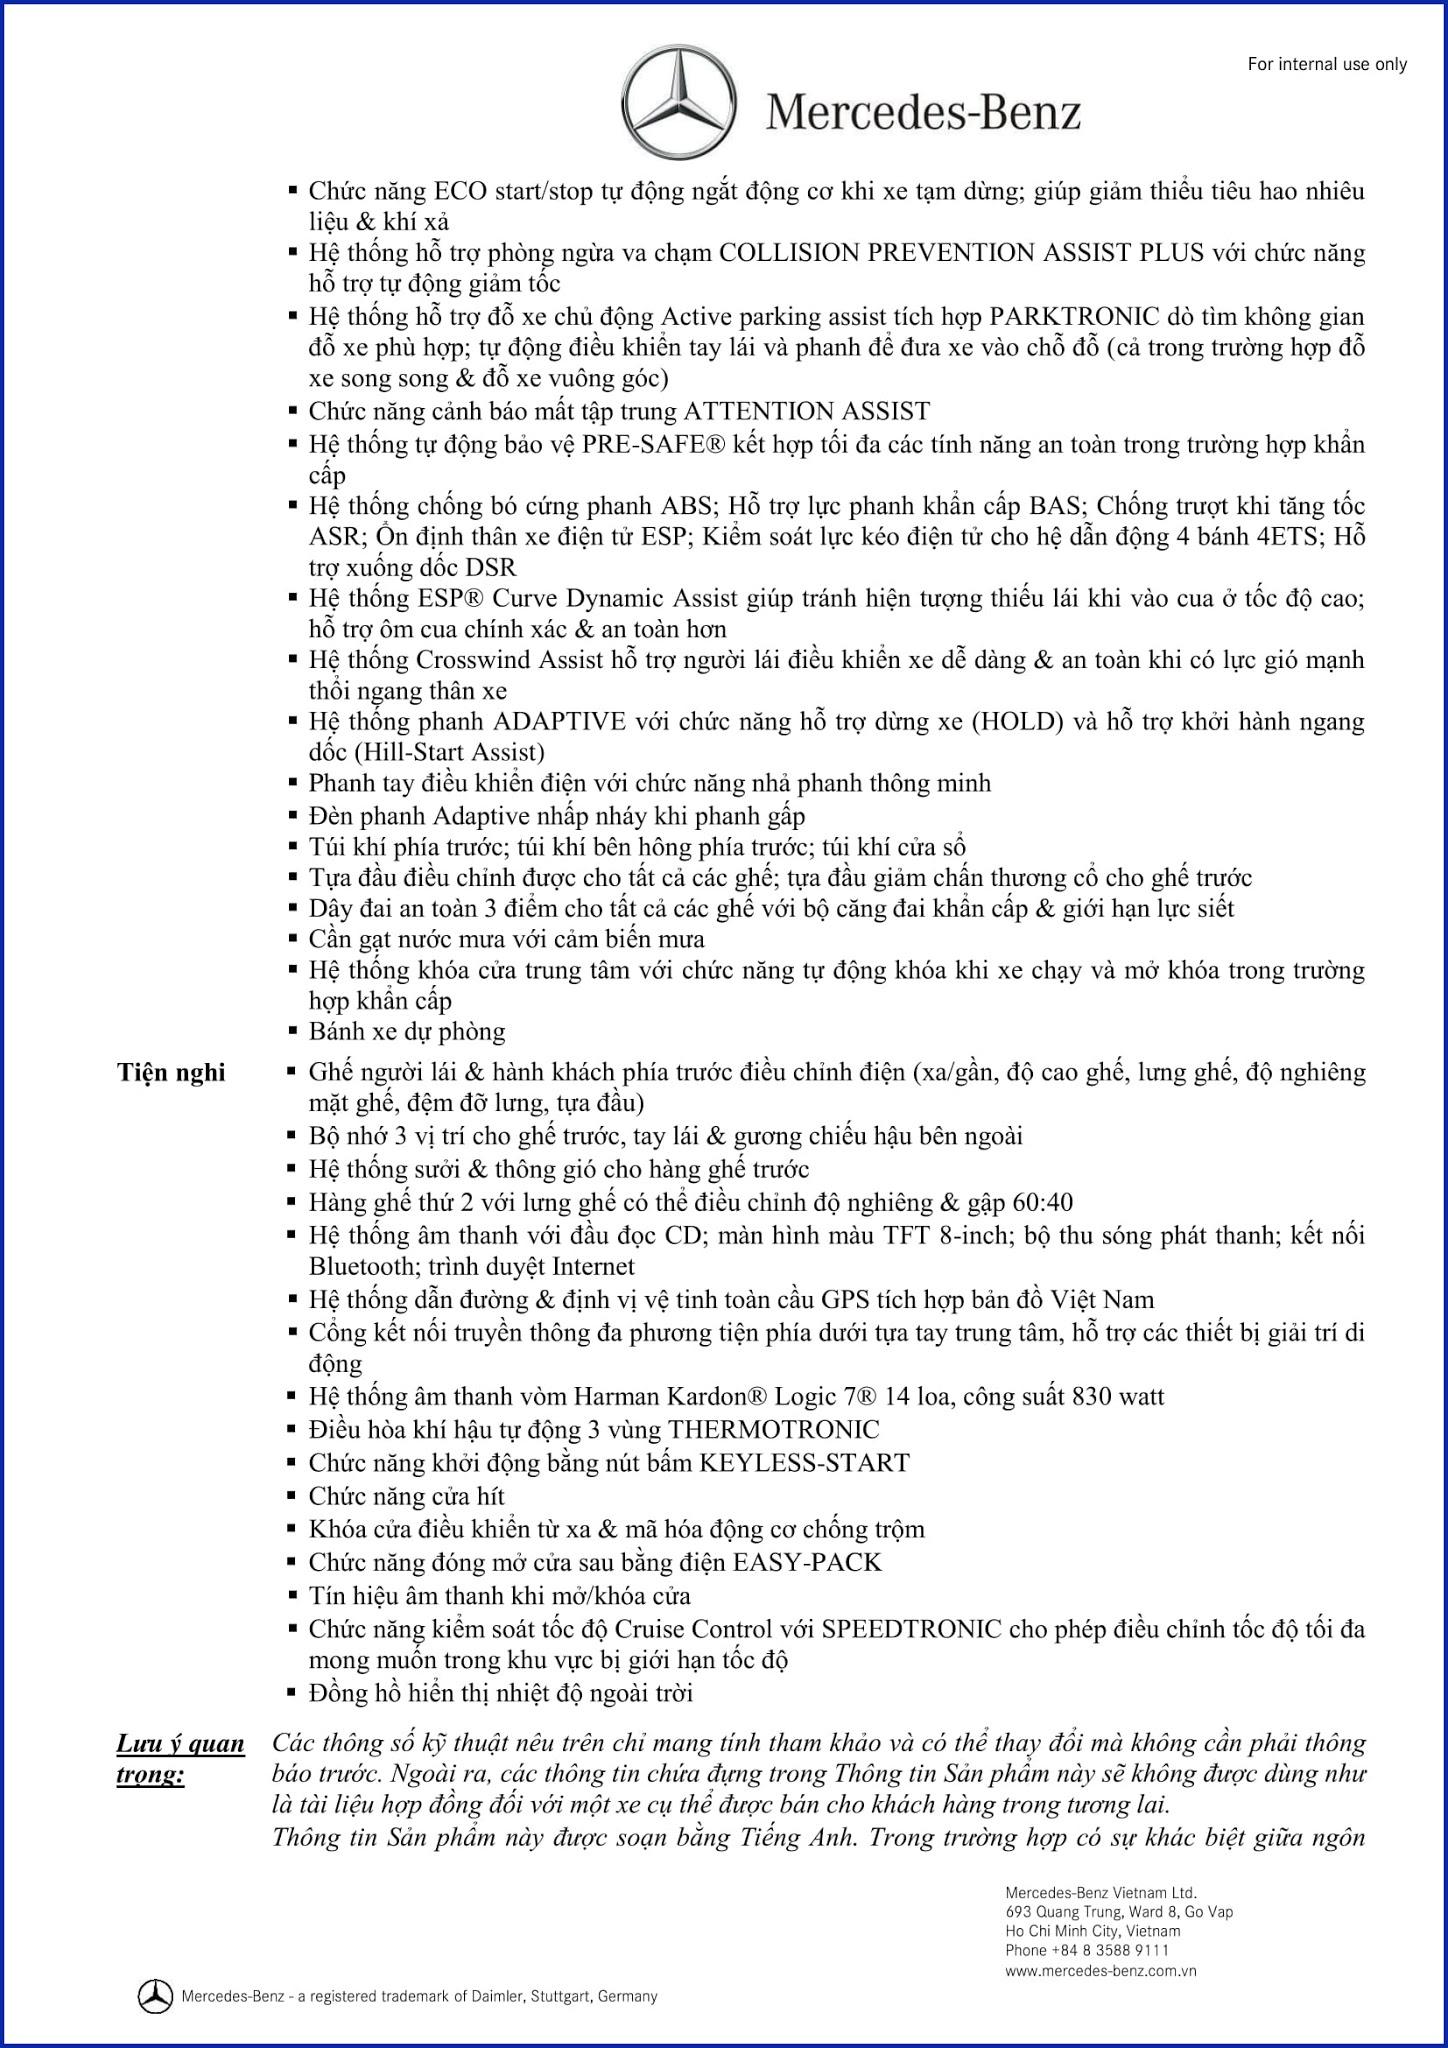 Bảng thông số kỹ thuật Mercedes AMG GLE 43 4MATIC Coupe 2017 tại Mercedes Trường Chinh